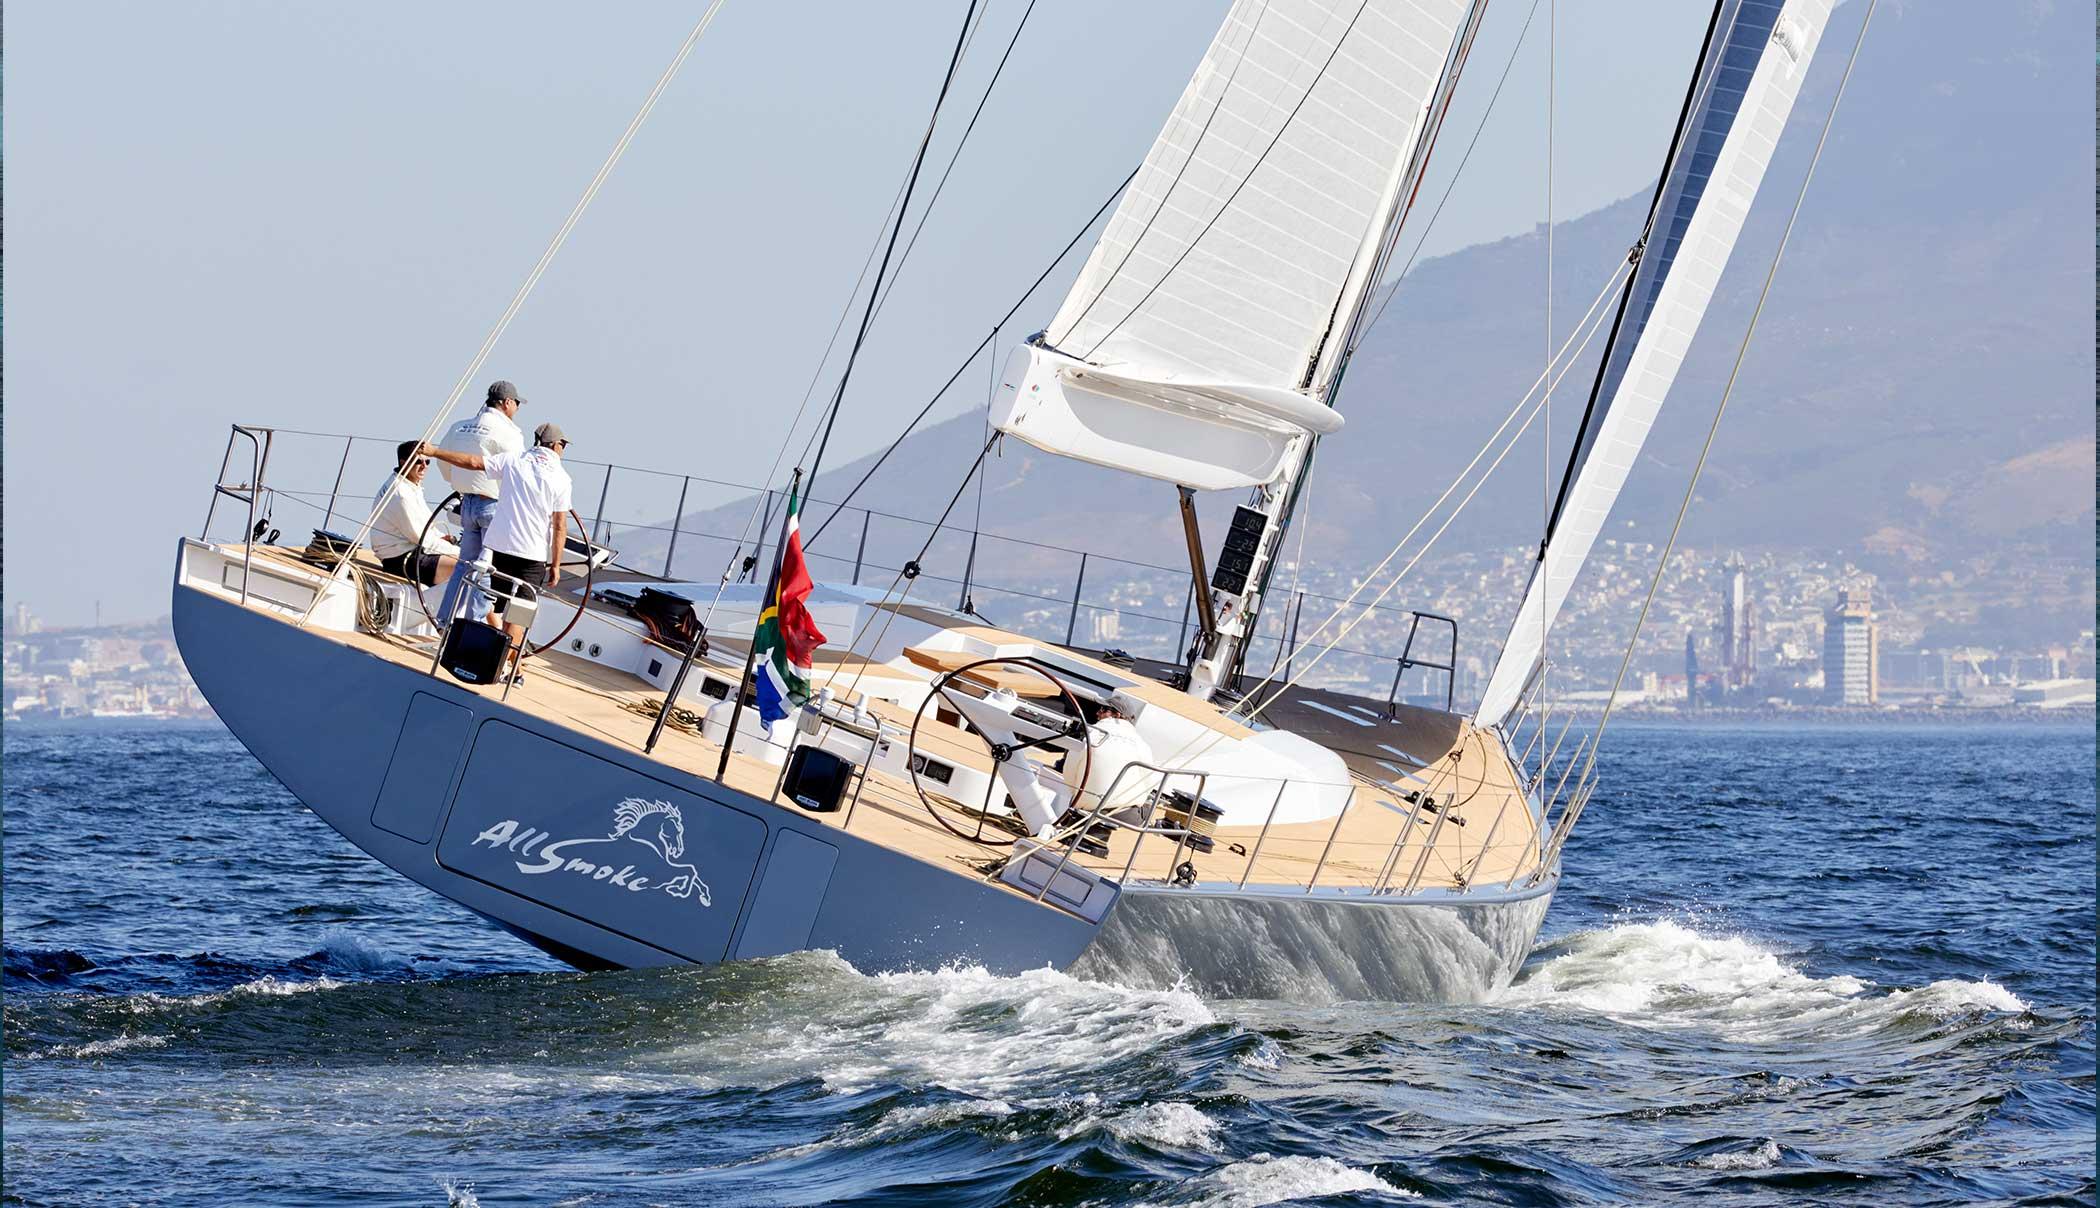 SW-RP90-AllSmoke-Southern Wind Yacht